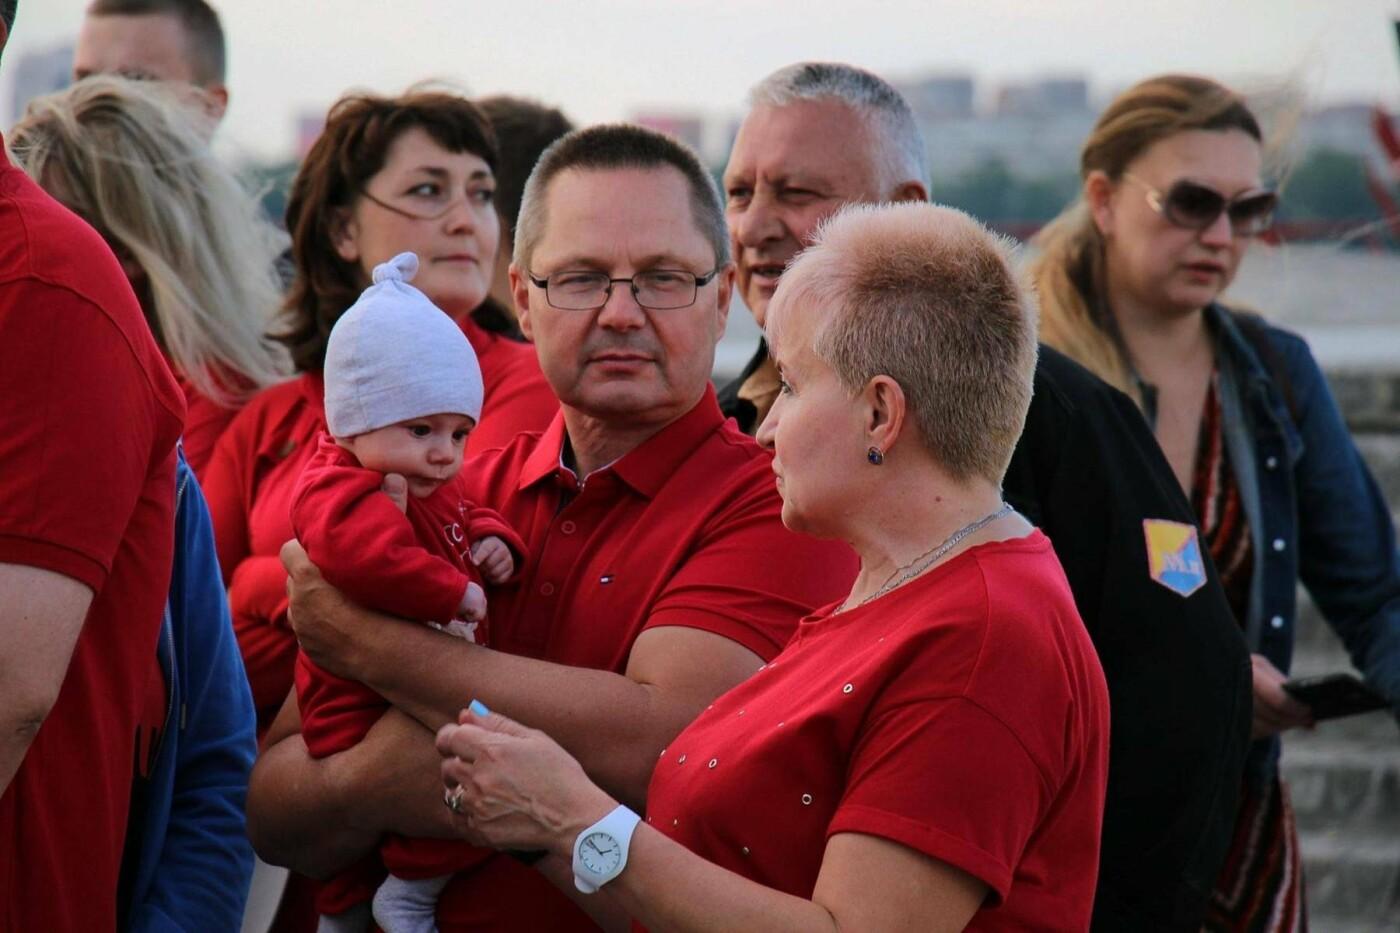 Одевайтесь в красное: в Днепре состоится красочный флешмоб в поддержку доноров, - ФОТО, фото-2